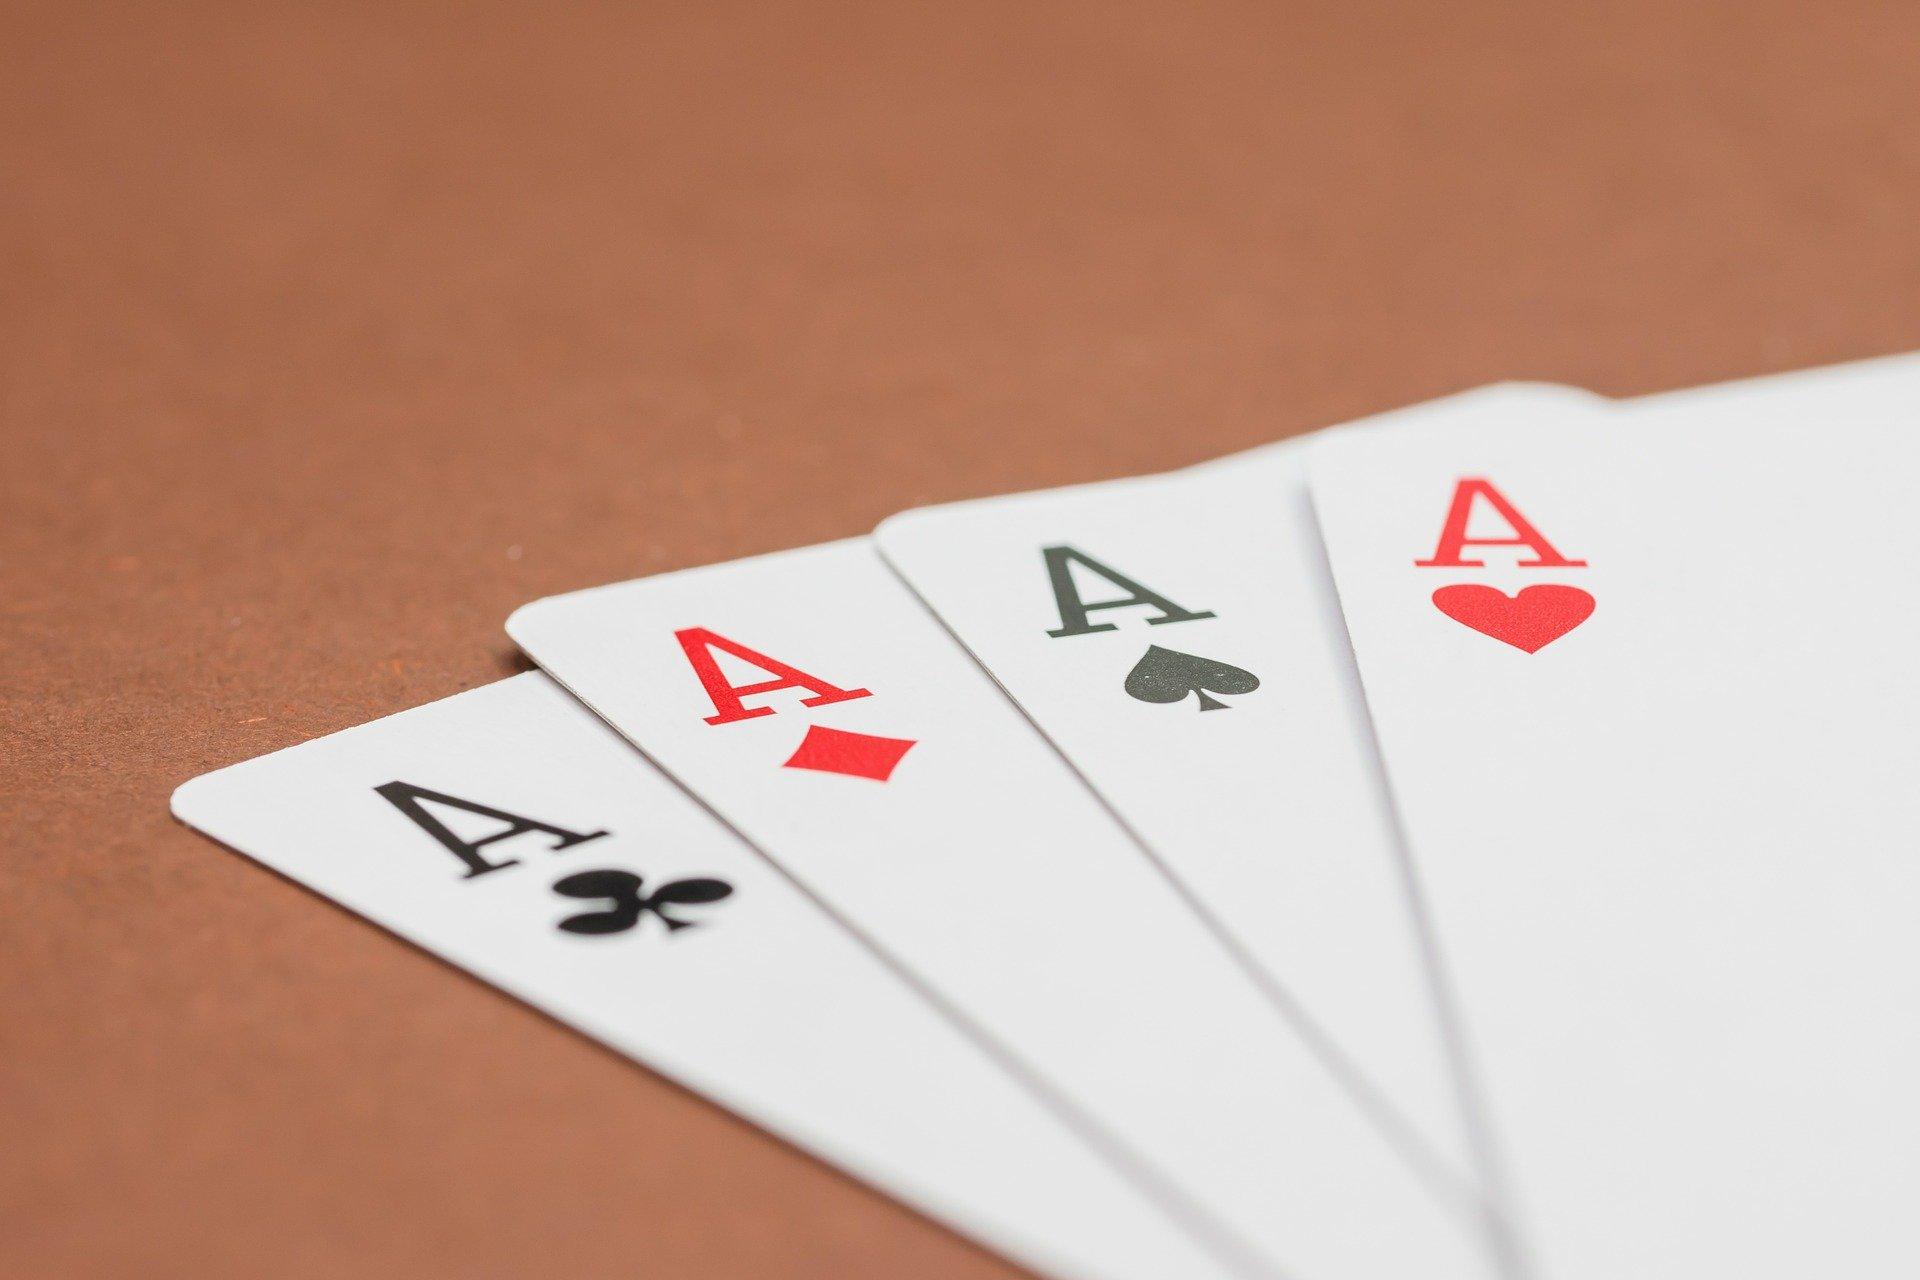 """Four de """"Ases"""" no poker."""